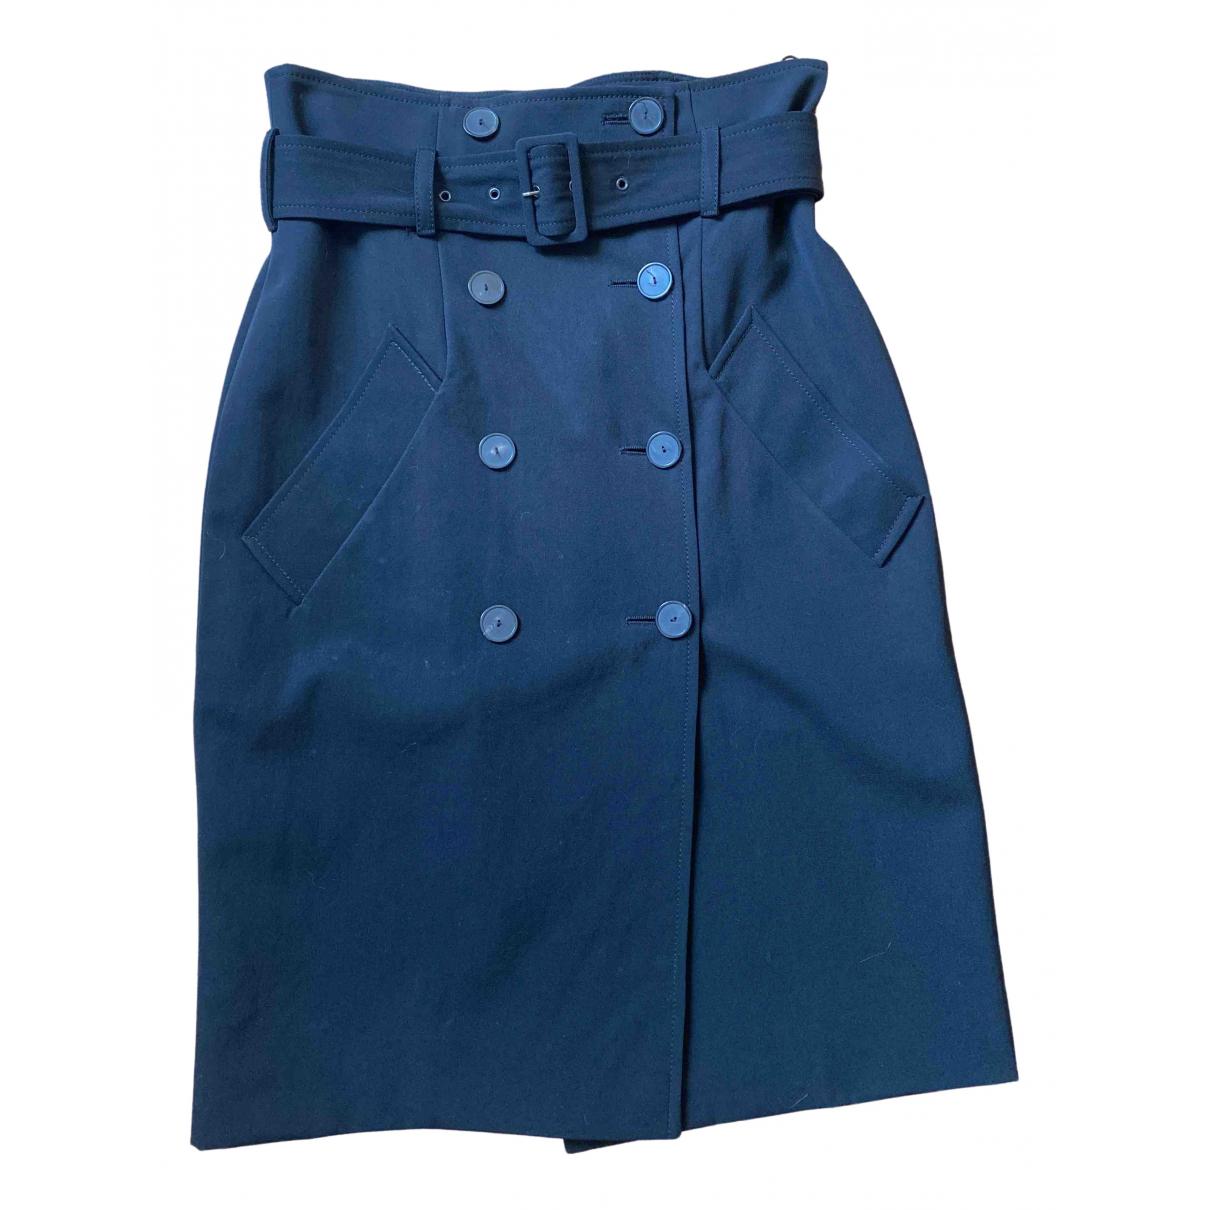 Jean Paul Gaultier \N Black Wool skirt for Women 36 FR